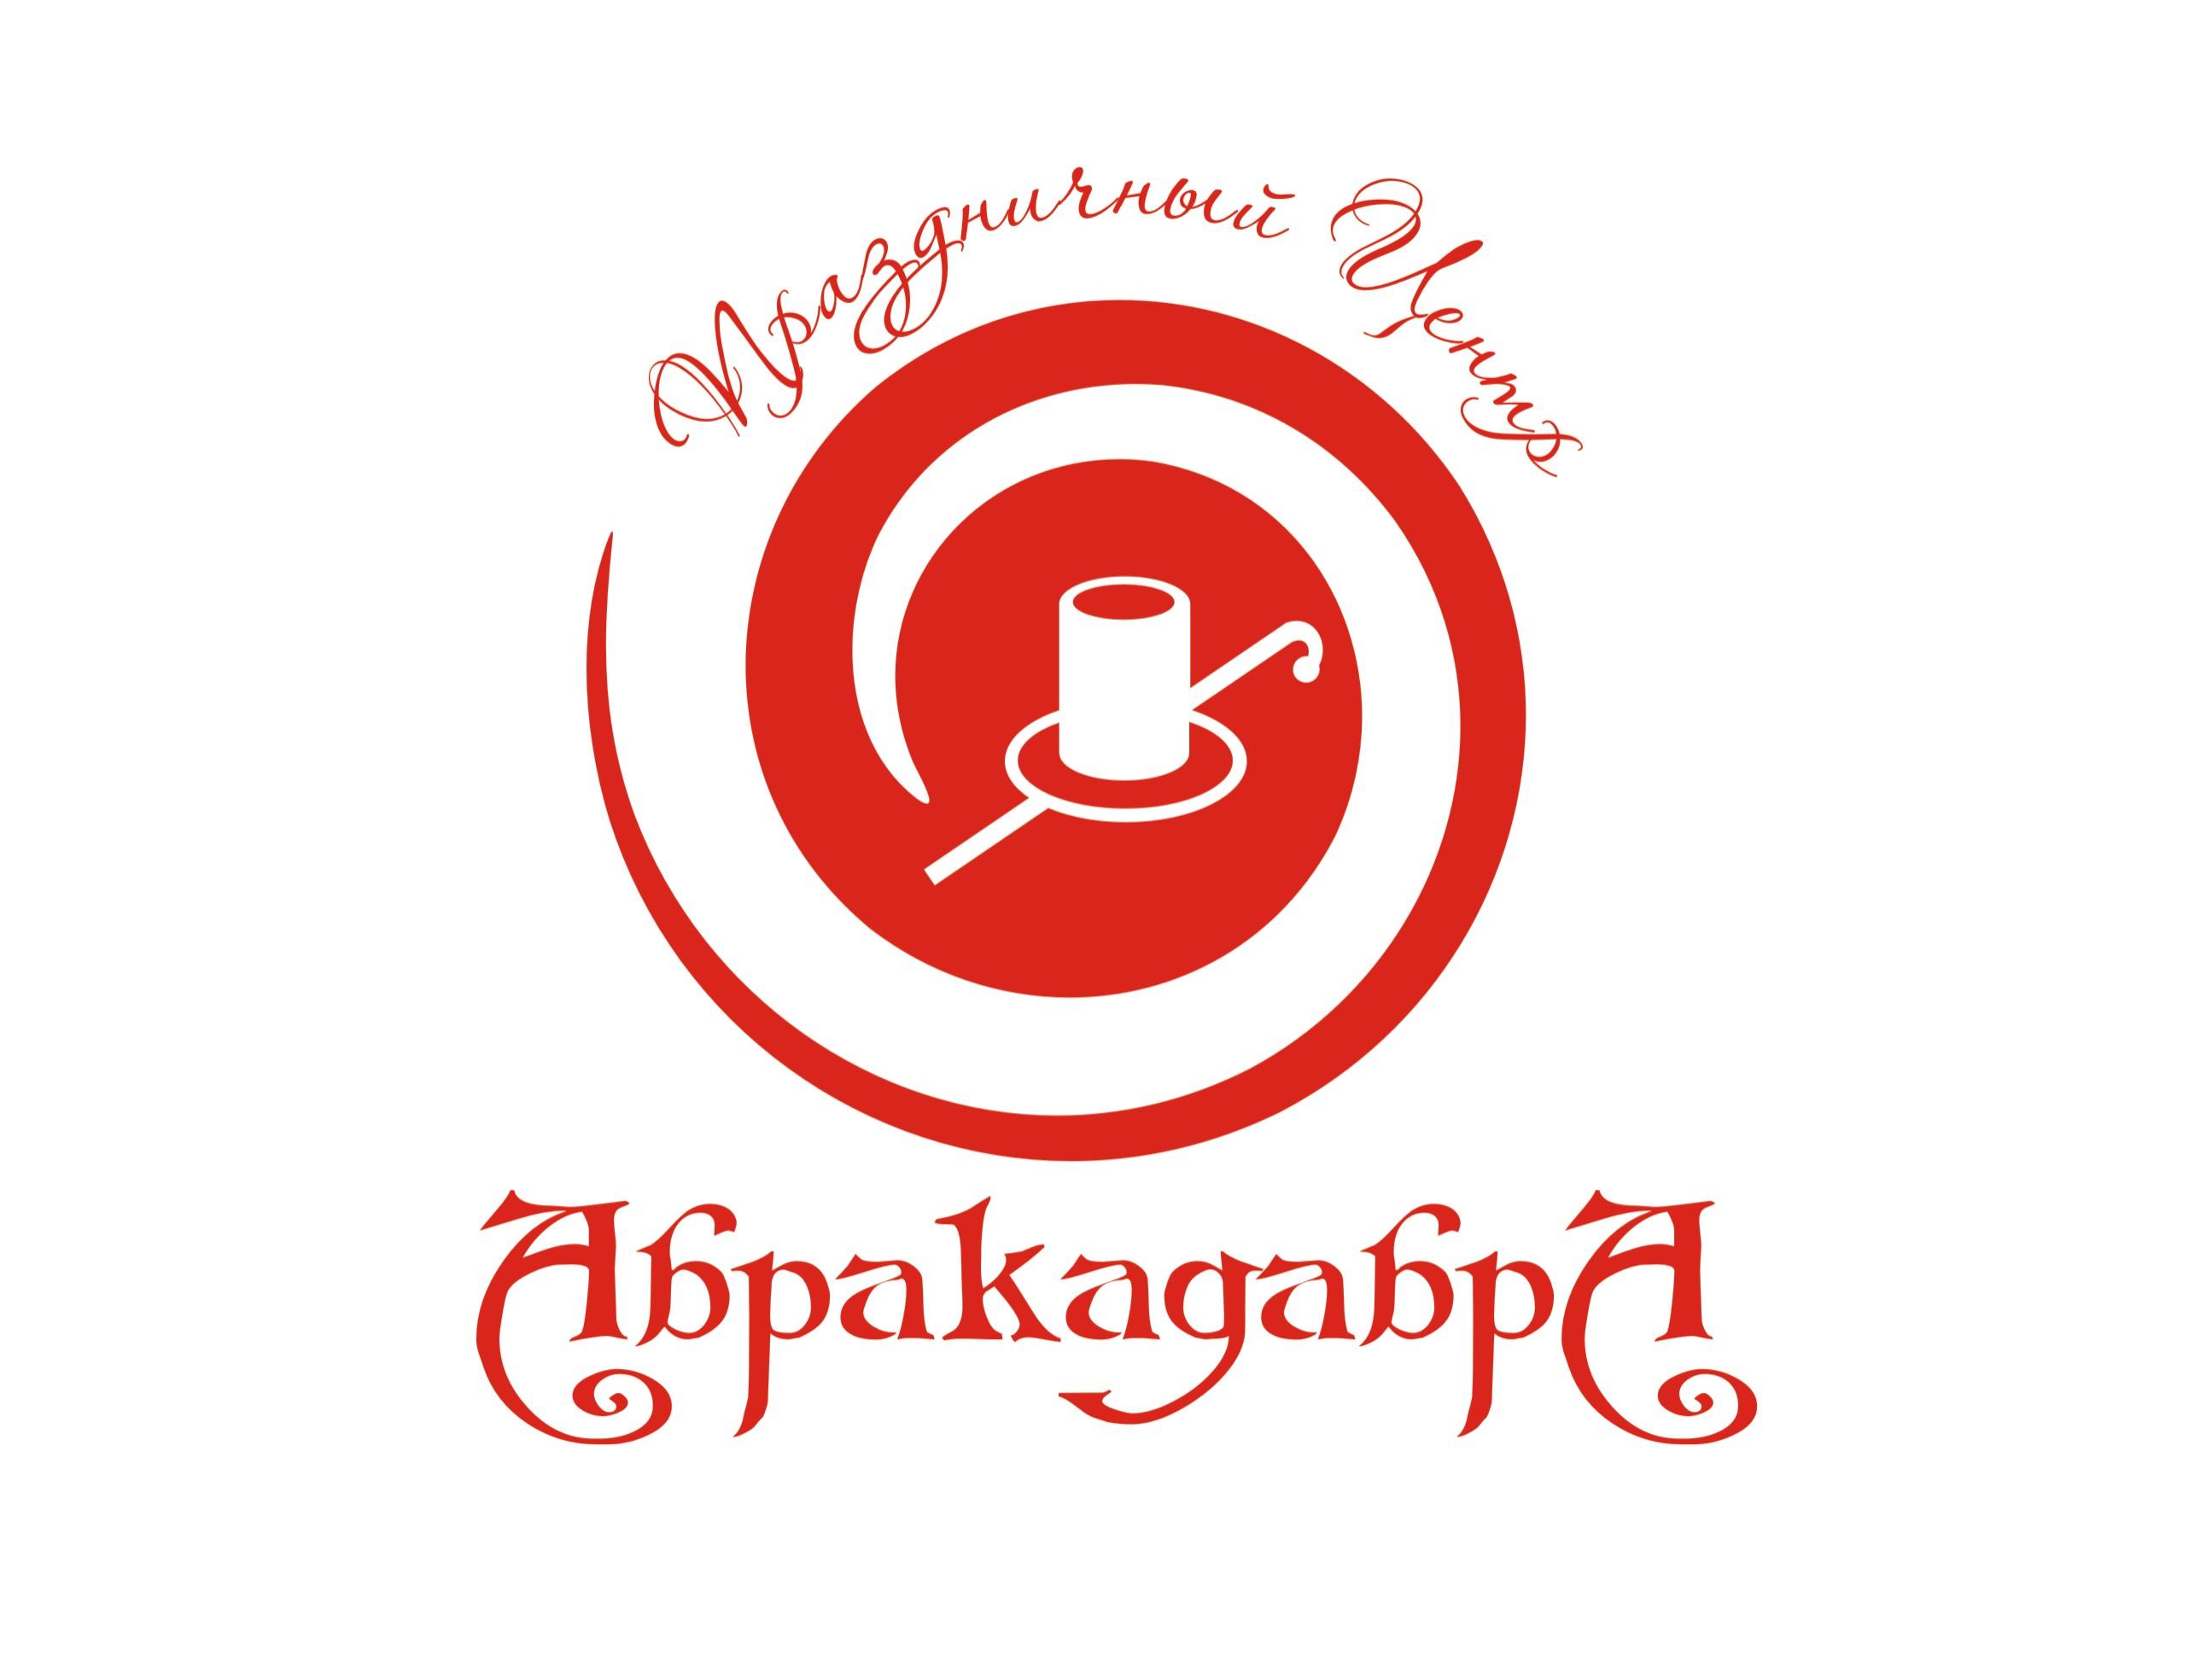 Праздничный центр АбракадабрА